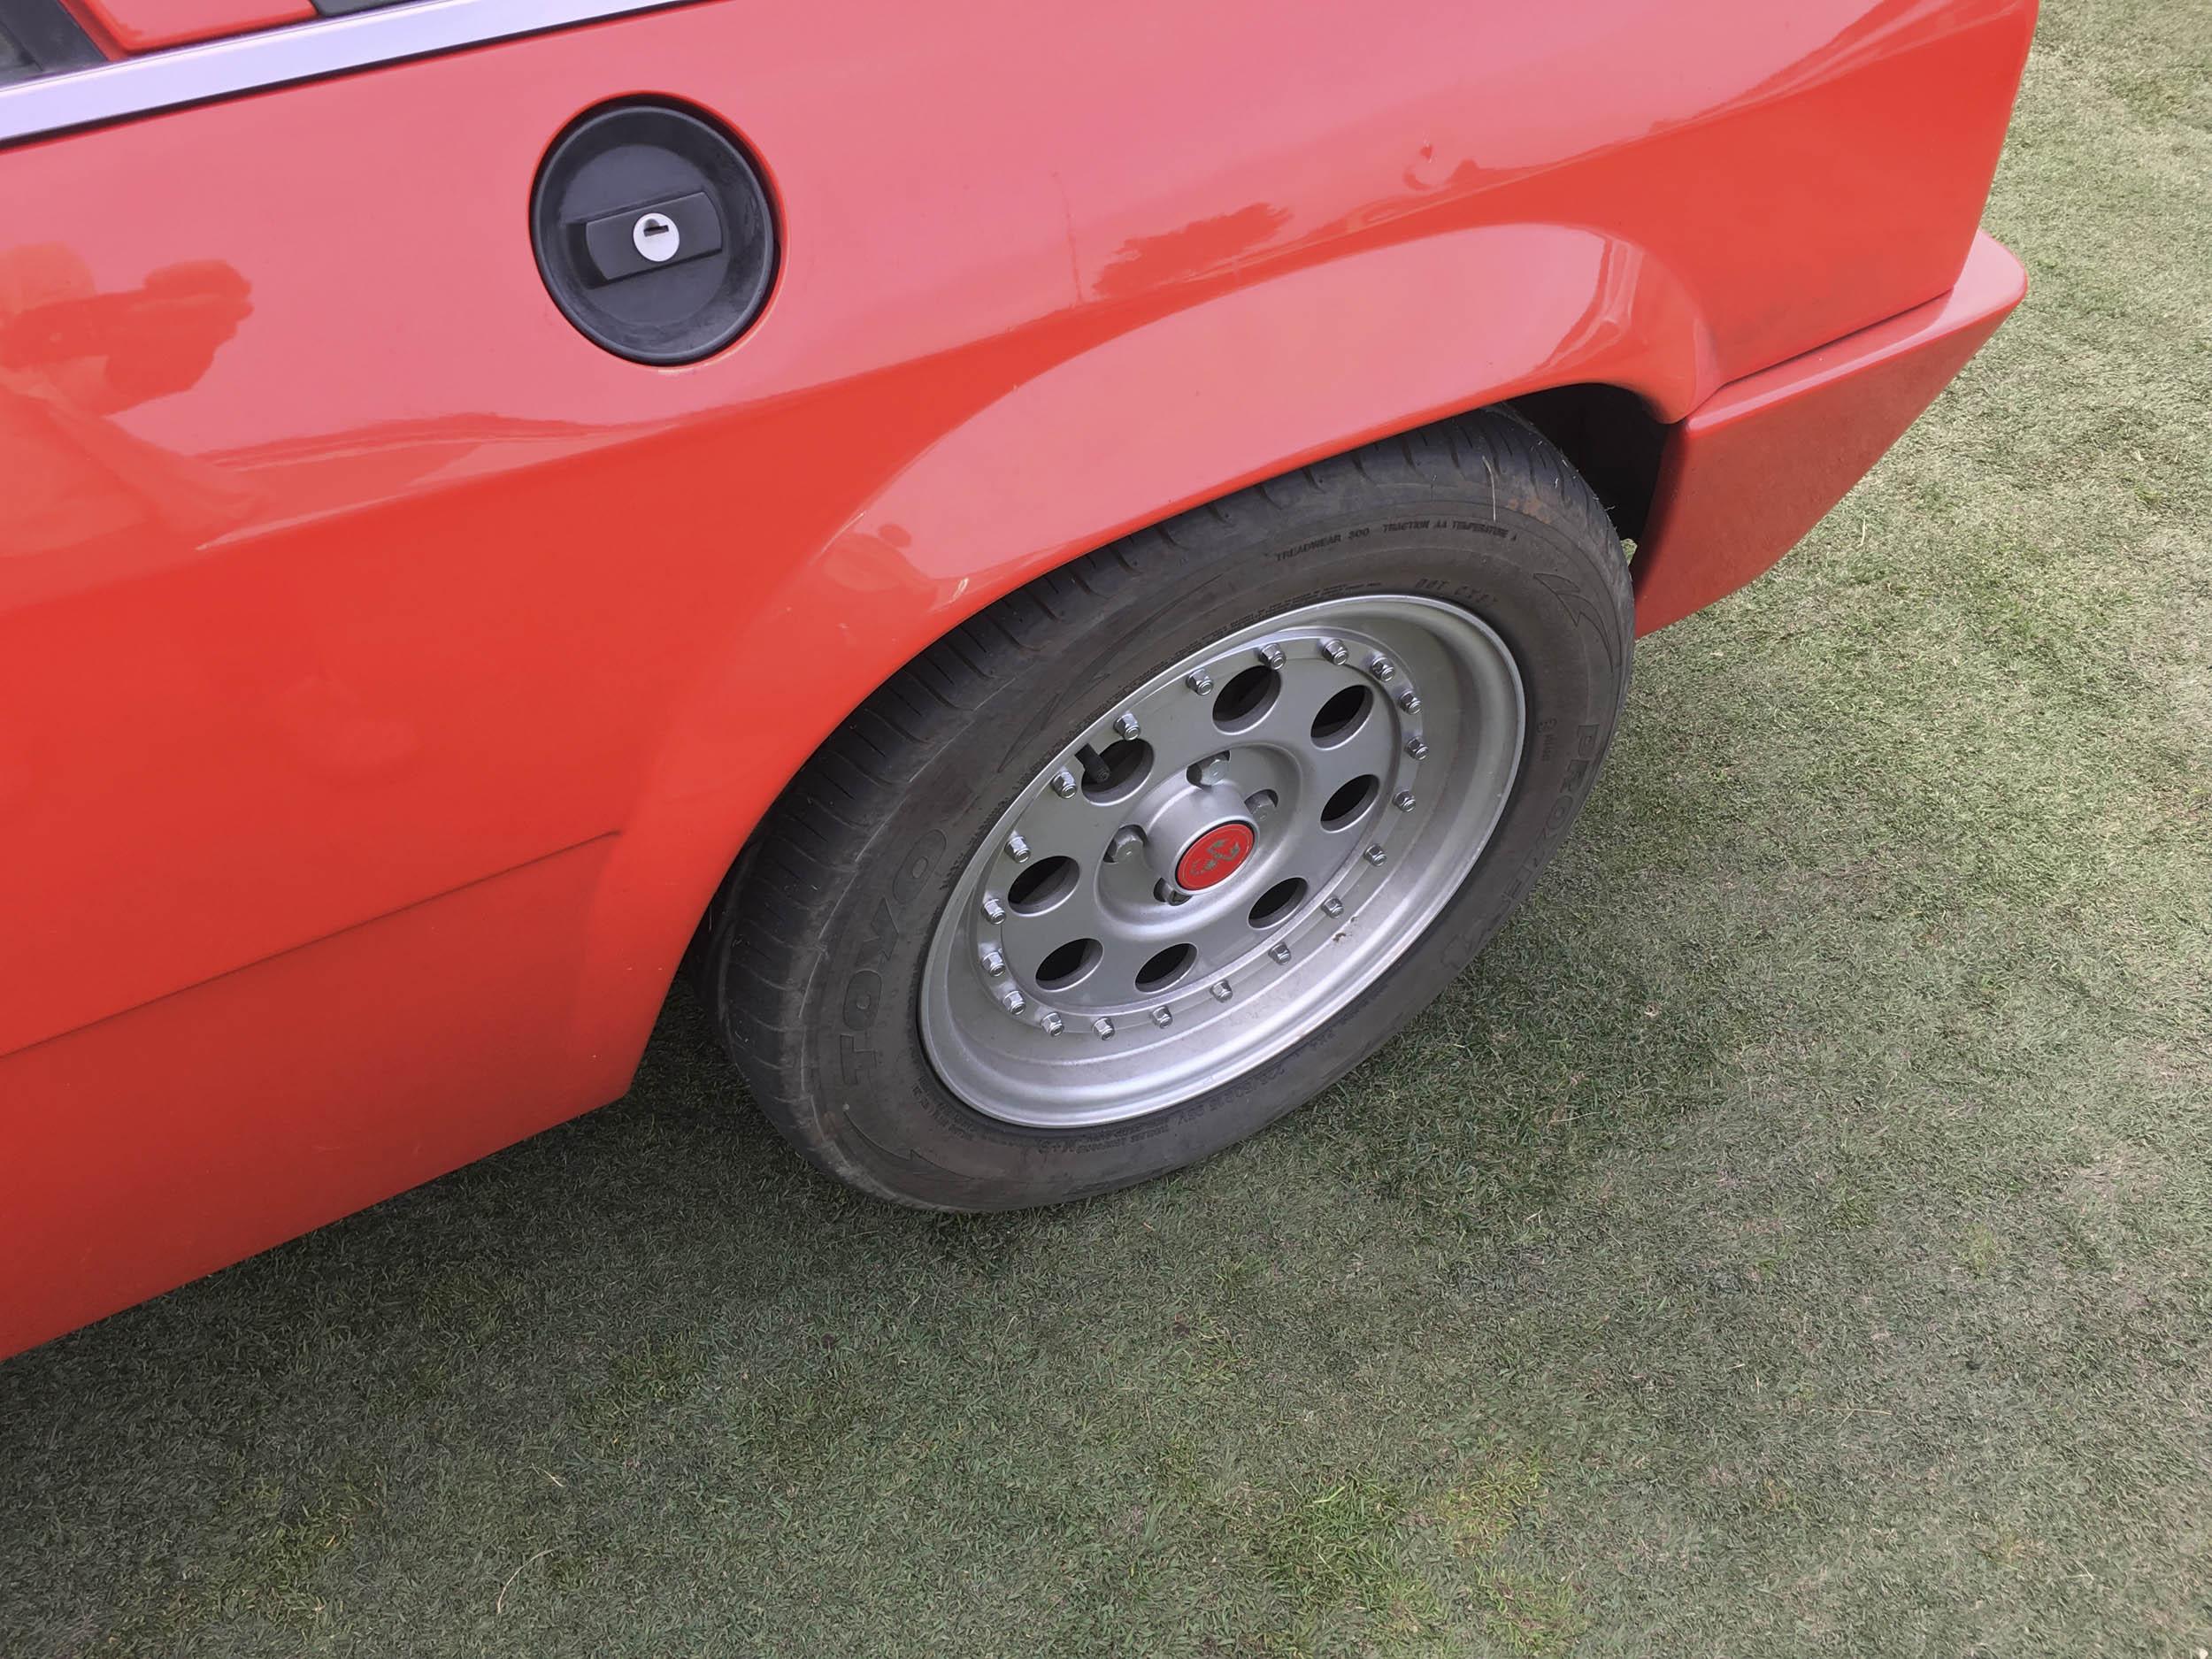 1977 Lancia Scorpion VX wheel detail